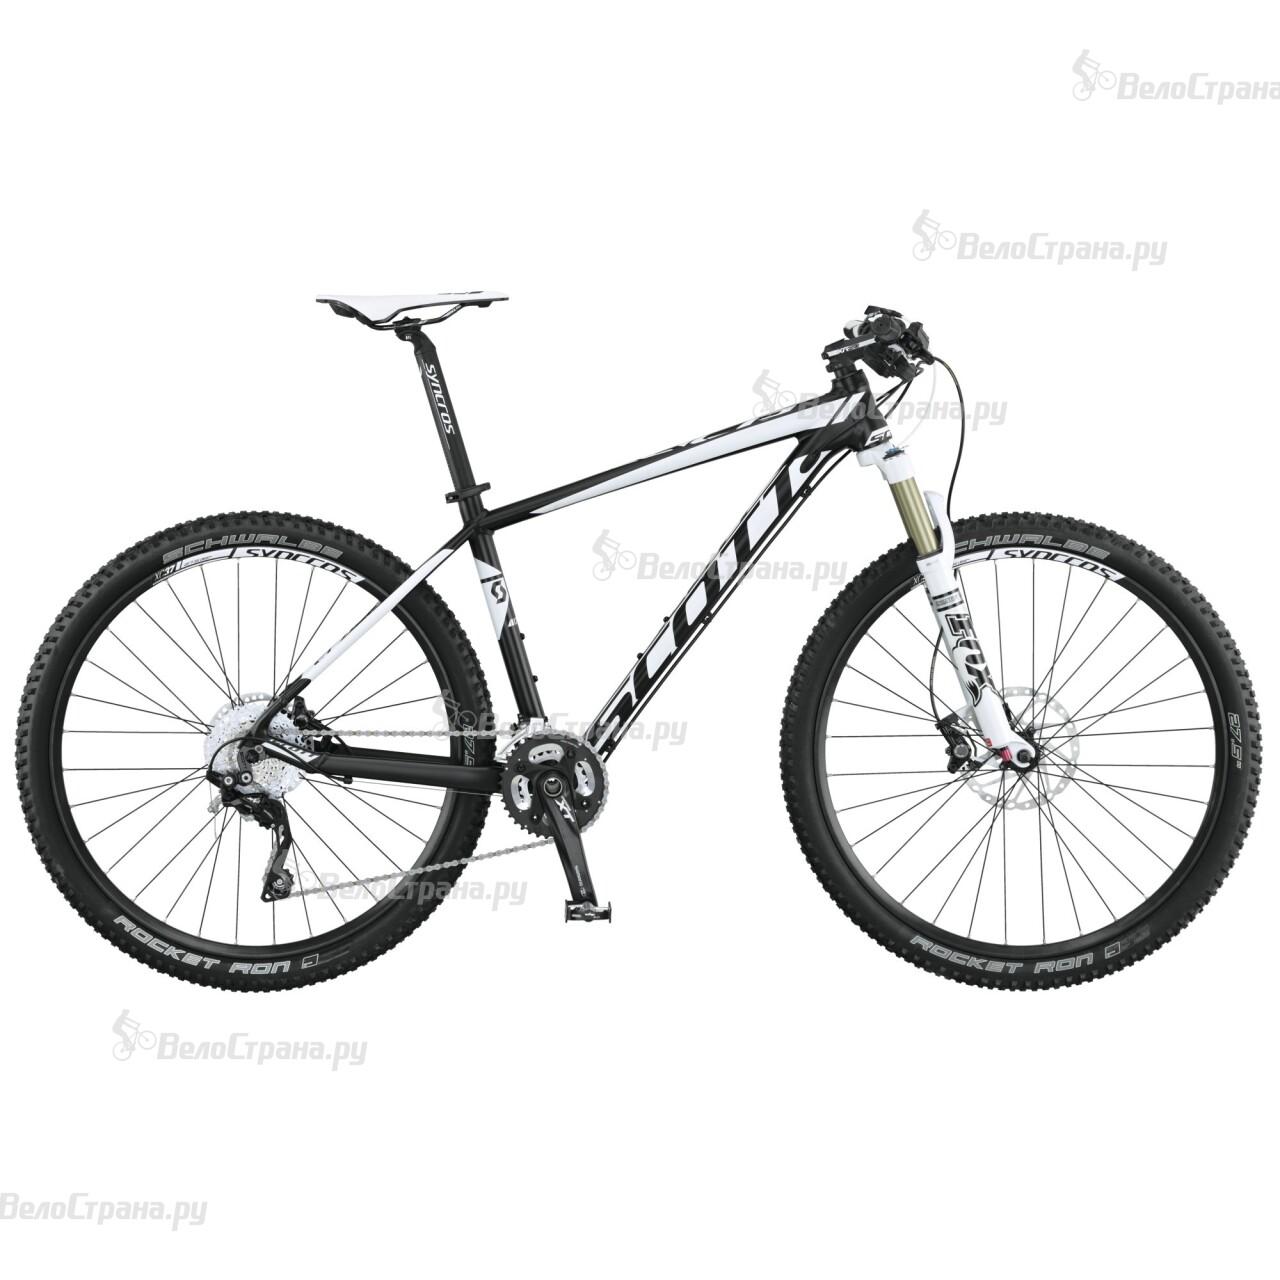 Велосипед Scott Scale 740 (2015) велосипед scott scale 935 2015